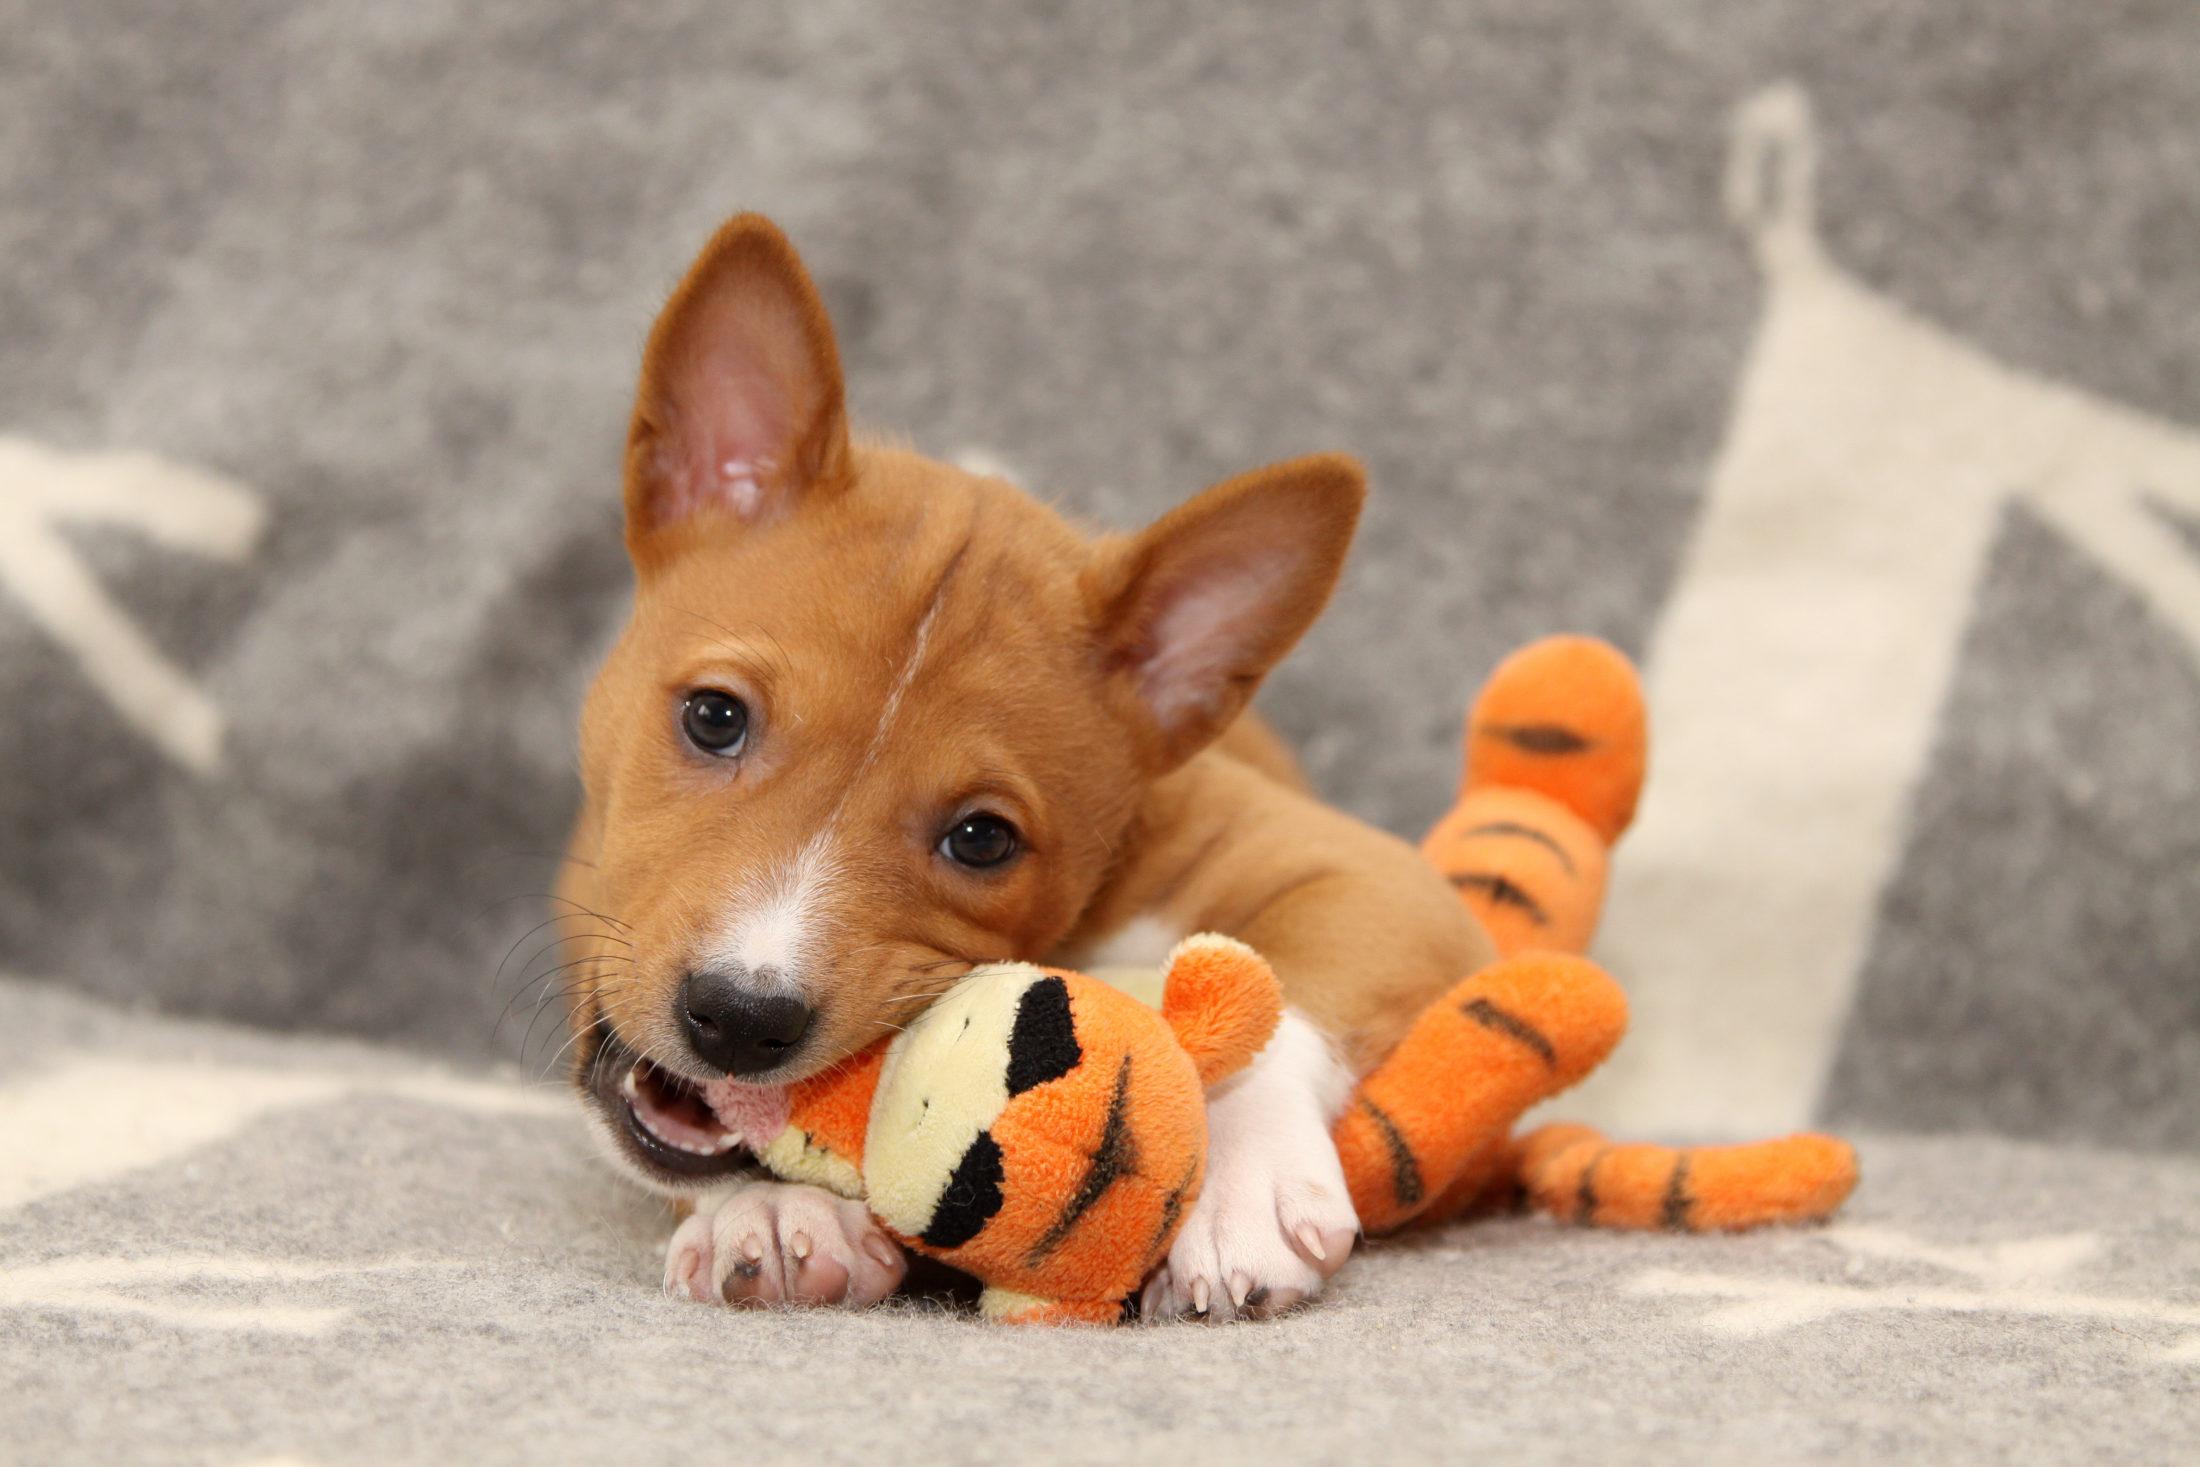 atividades para cachorro - filhote brincando com brinquedo de pelúcia